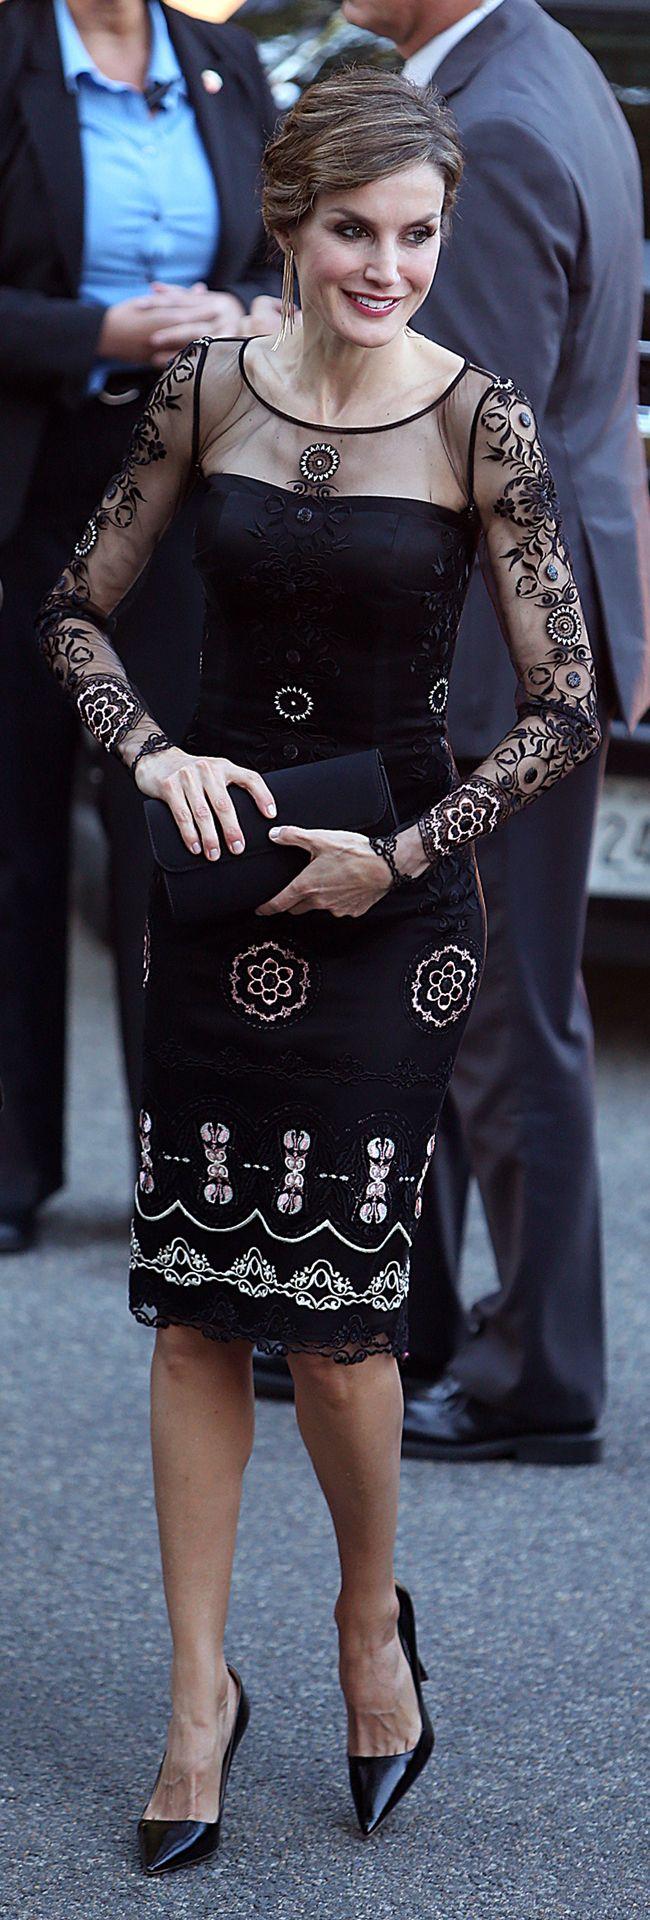 [Código: LETIZIA 0174] Su Majestad la Reina Doña Letizia